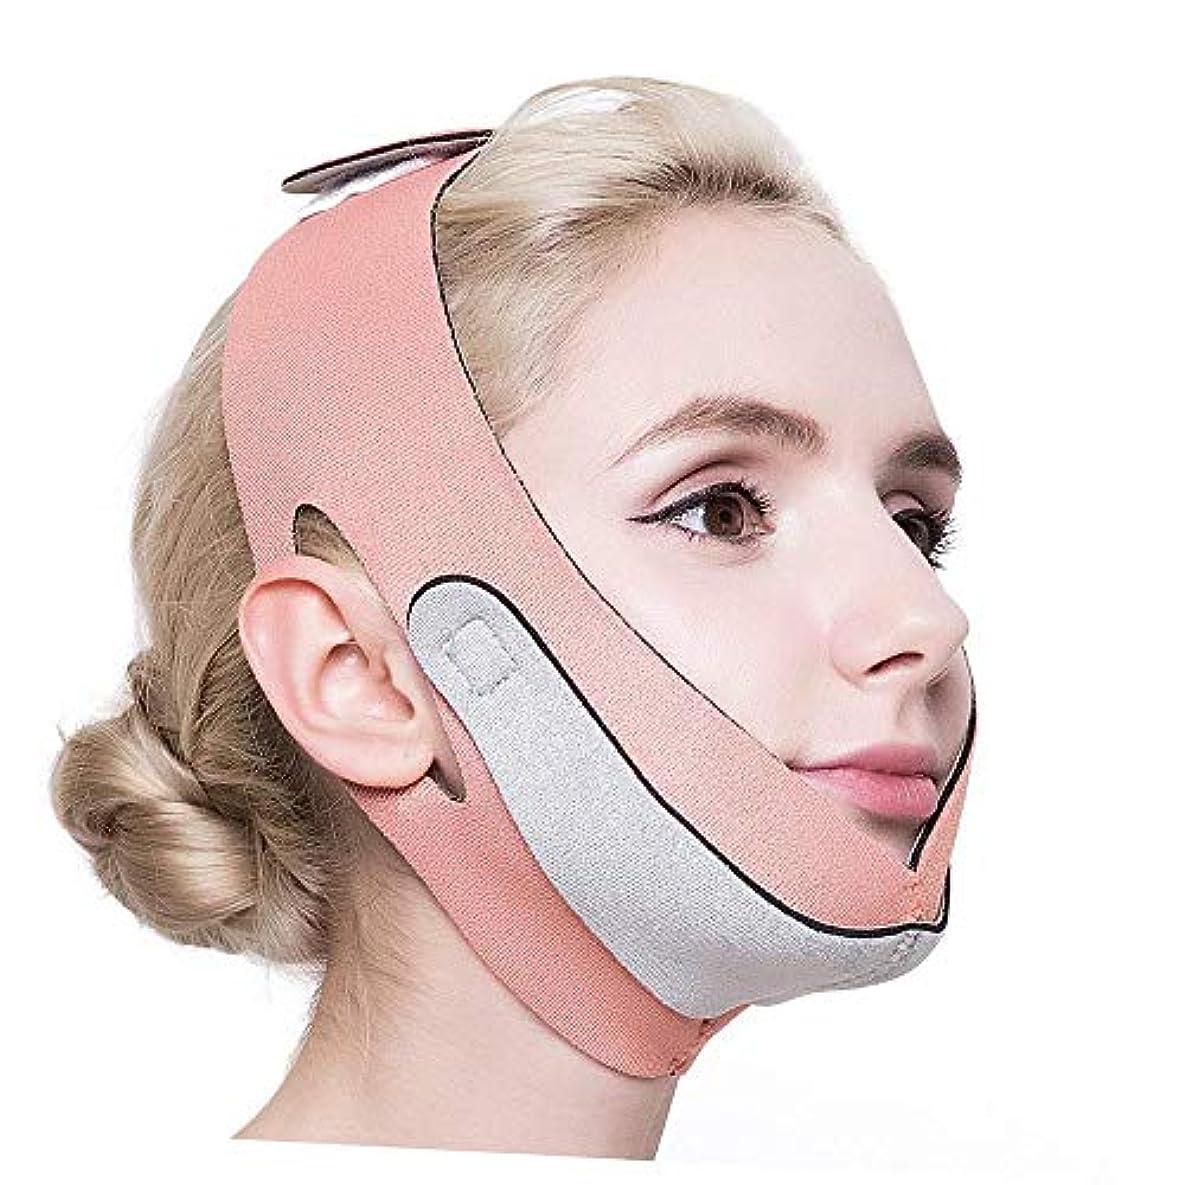 ニックネーム最初にインフラAomgsd 小顔 矯正 顔痩せ 美顔 ほうれい線予防 抗シワ 頬リ引き上げマスク レデー サポーター (ピンク)